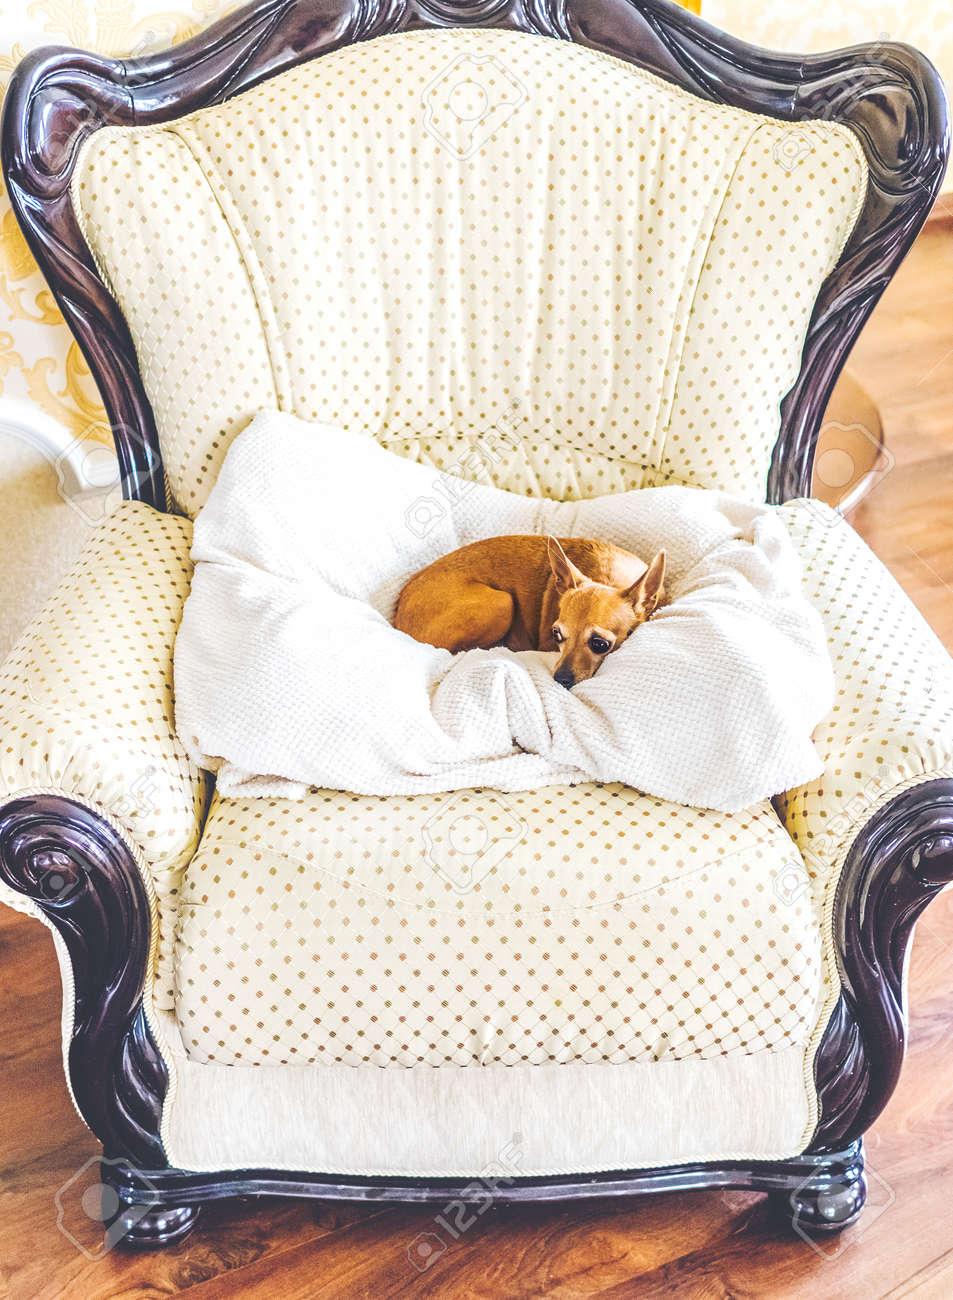 Kleinen Hund Auf Einem Weißen Kissen Auf Fantastischer Stuhl In